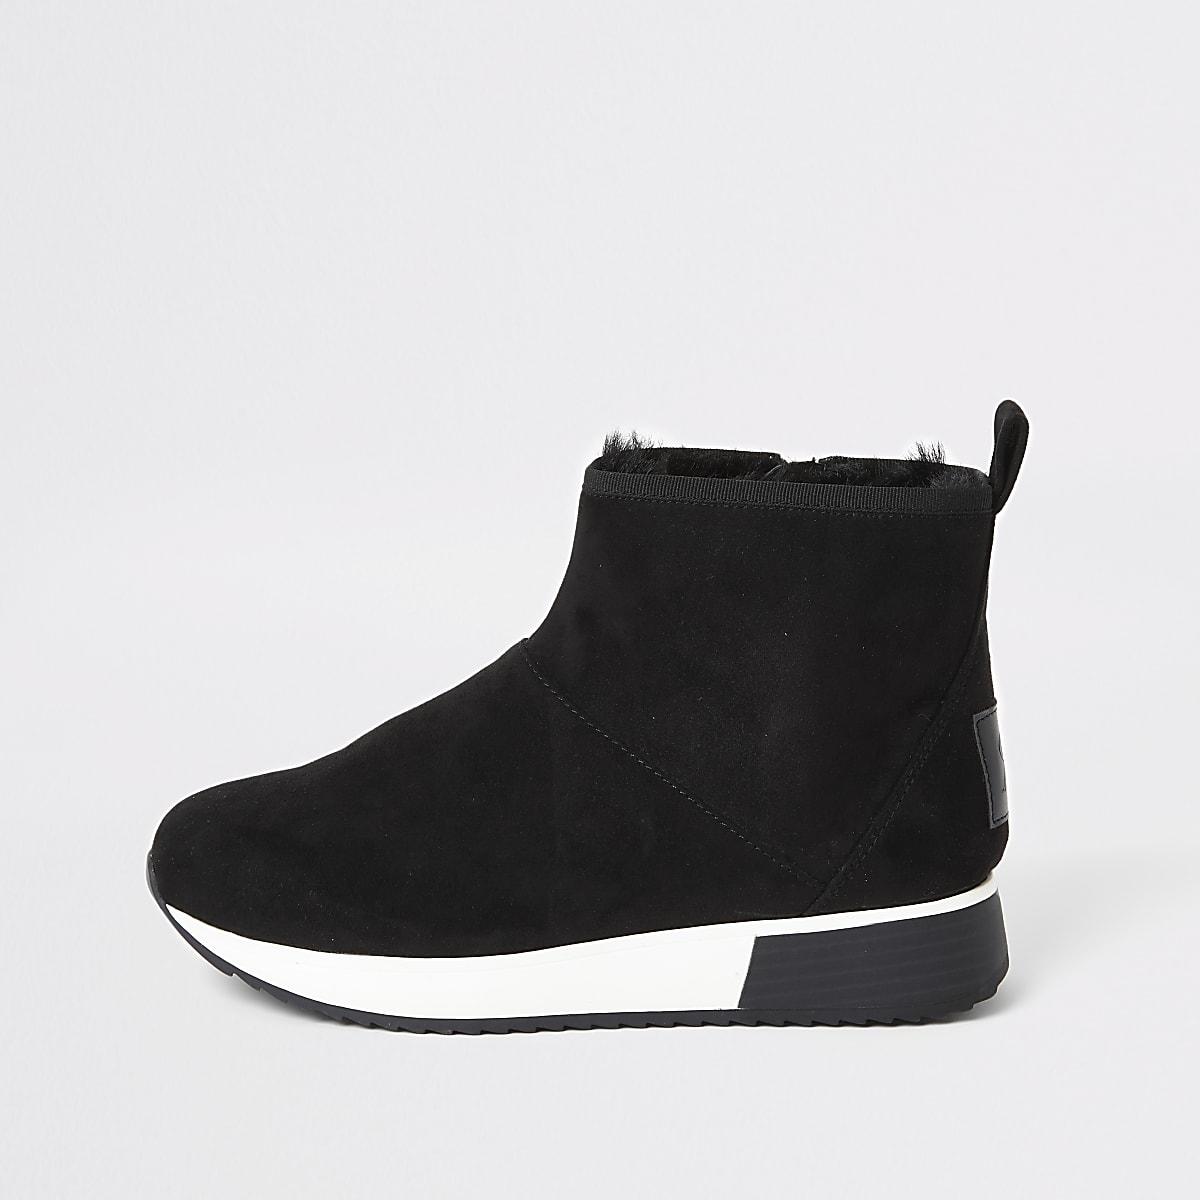 Zwarte sneaker laarzen met imitatiebont voering